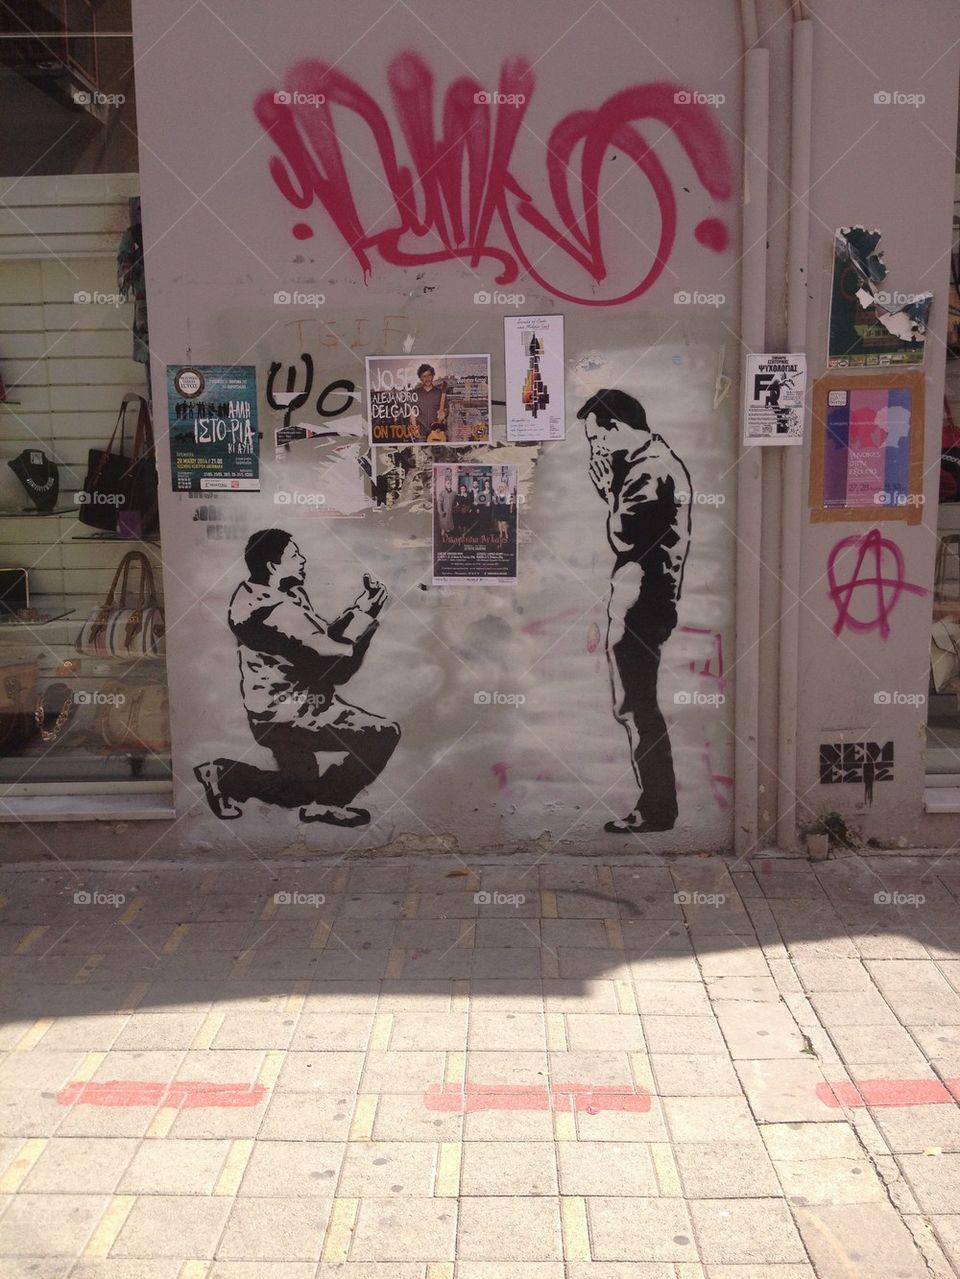 Gay graffiti